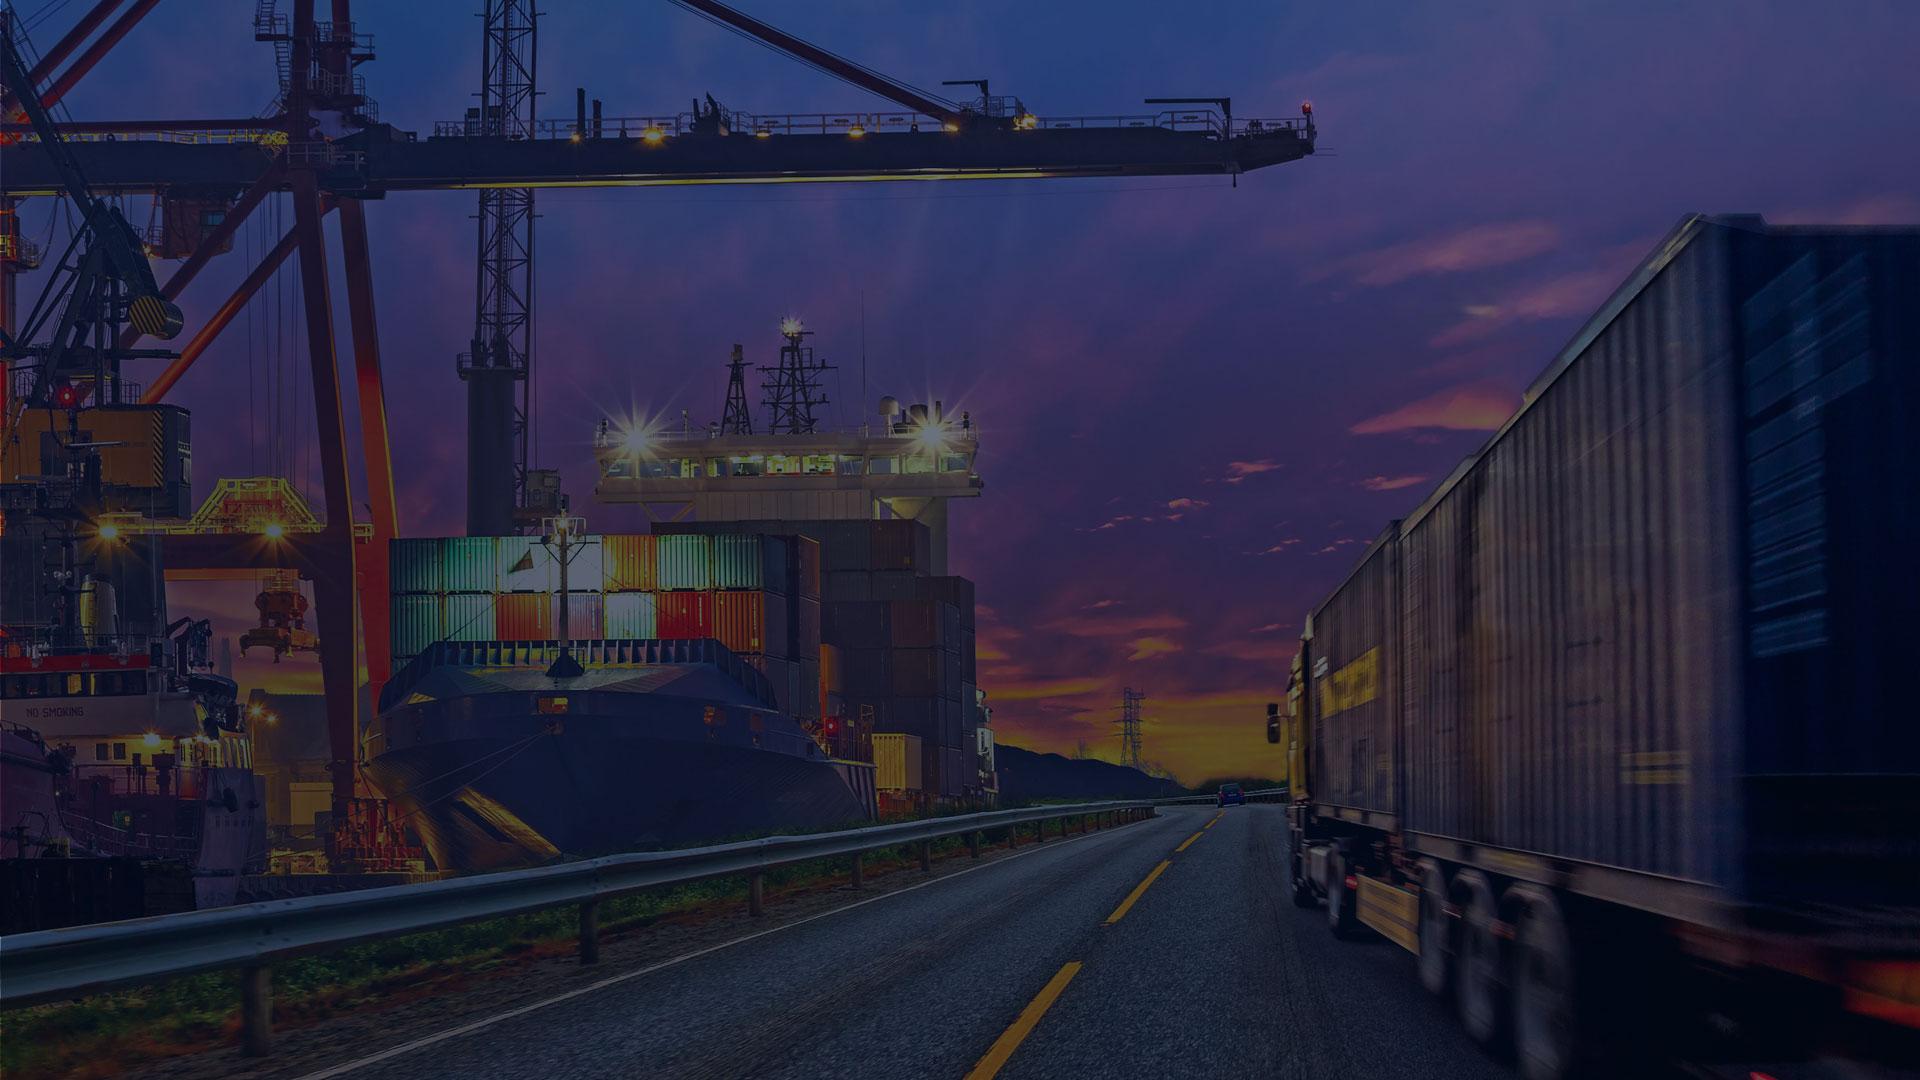 Στέλεχος Υπηρεσιών Εφοδιαστικής Αλυσίδας (logistics)